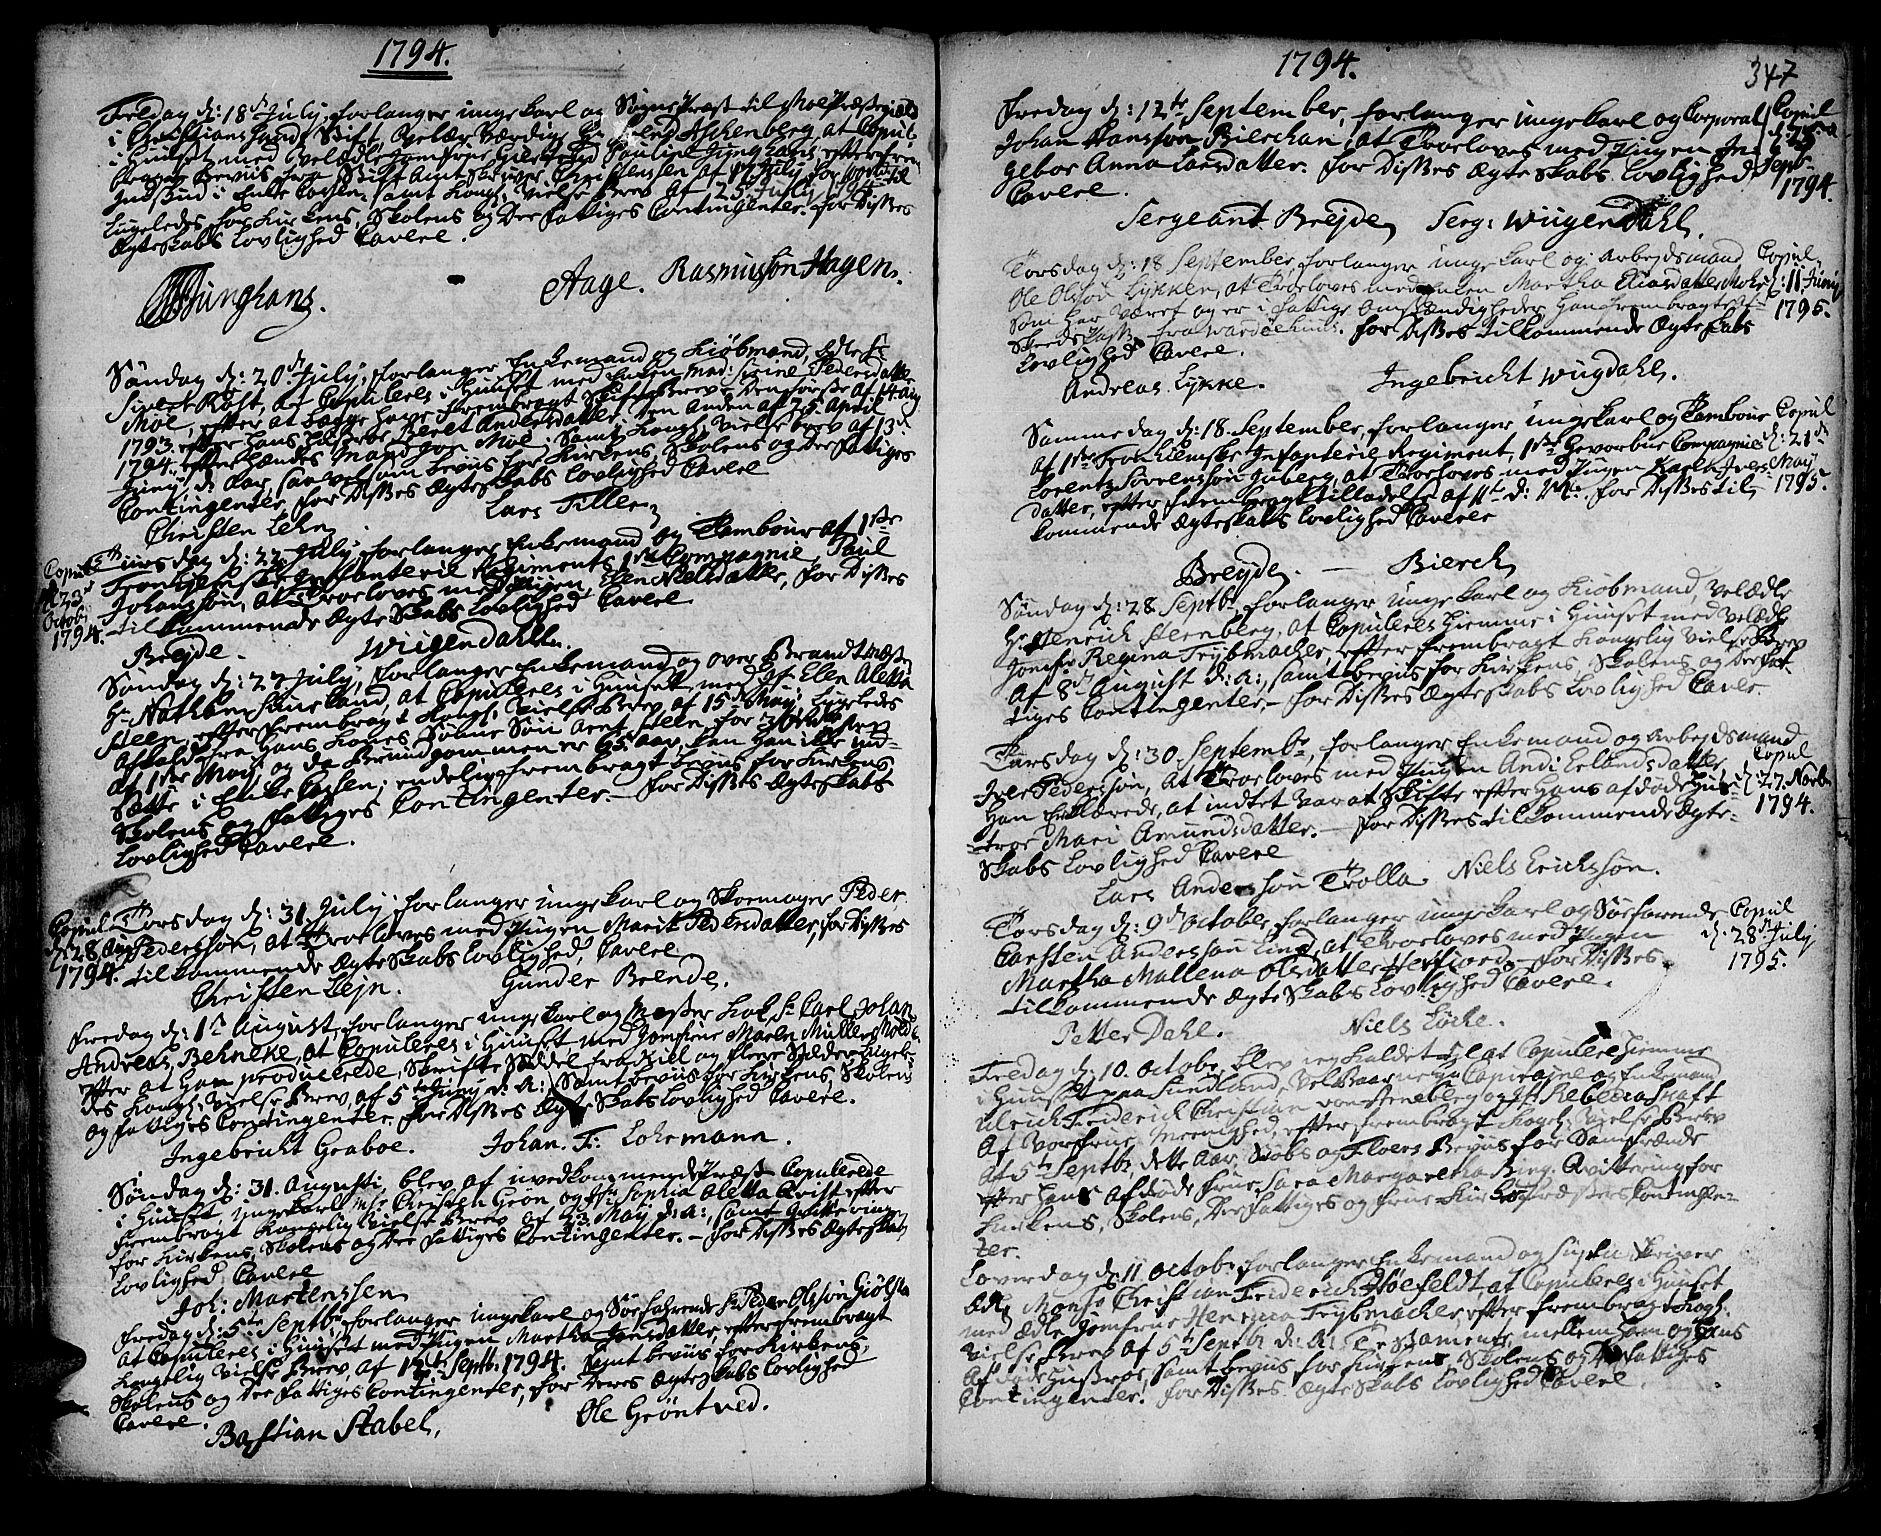 SAT, Ministerialprotokoller, klokkerbøker og fødselsregistre - Sør-Trøndelag, 601/L0038: Ministerialbok nr. 601A06, 1766-1877, s. 347